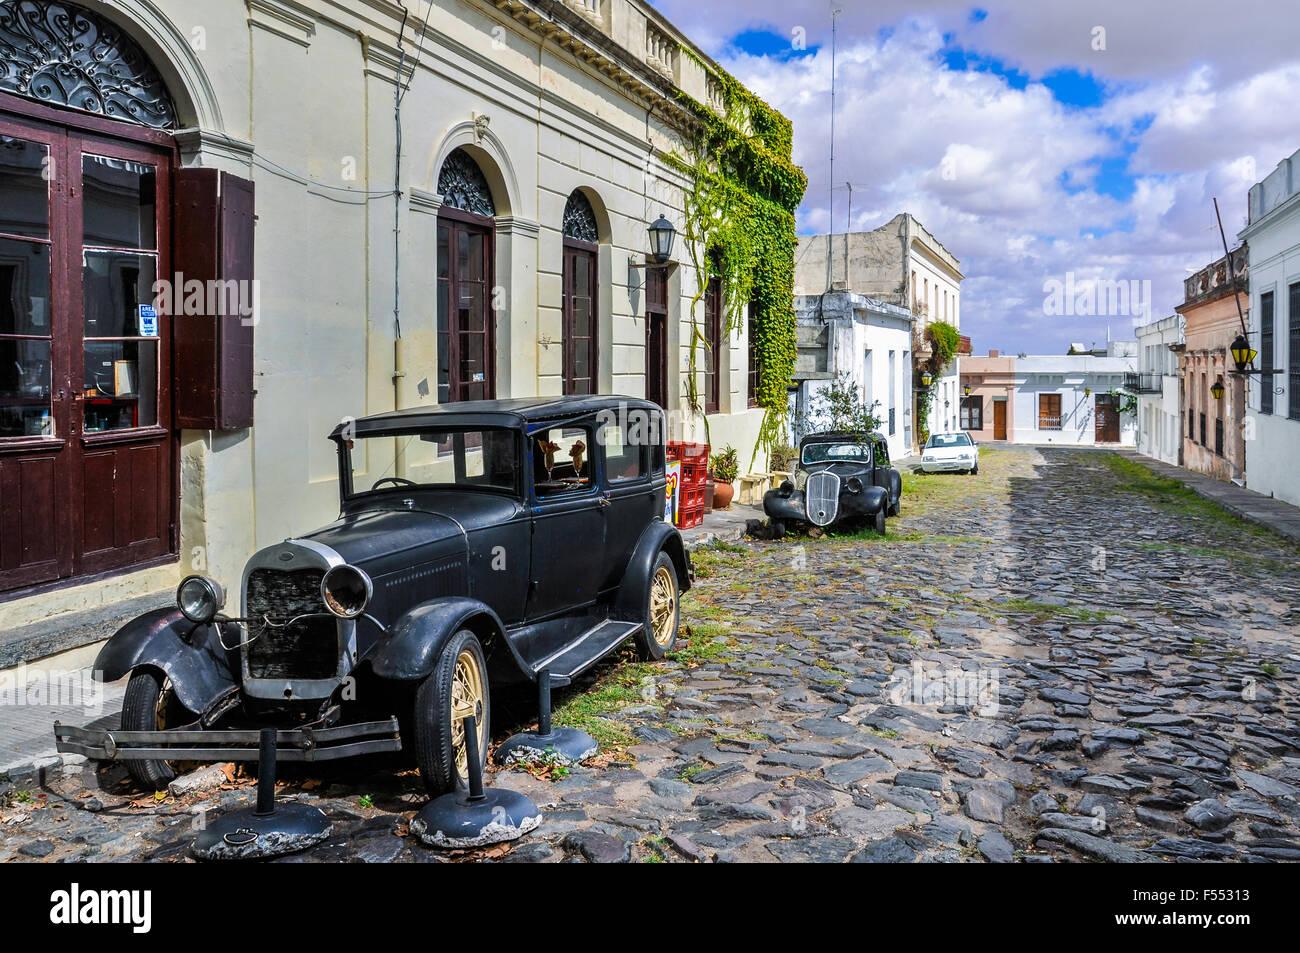 Viejo negro de automóviles en las calles de Colonia del Sacramento, una ciudad colonial en Uruguay. Imagen De Stock